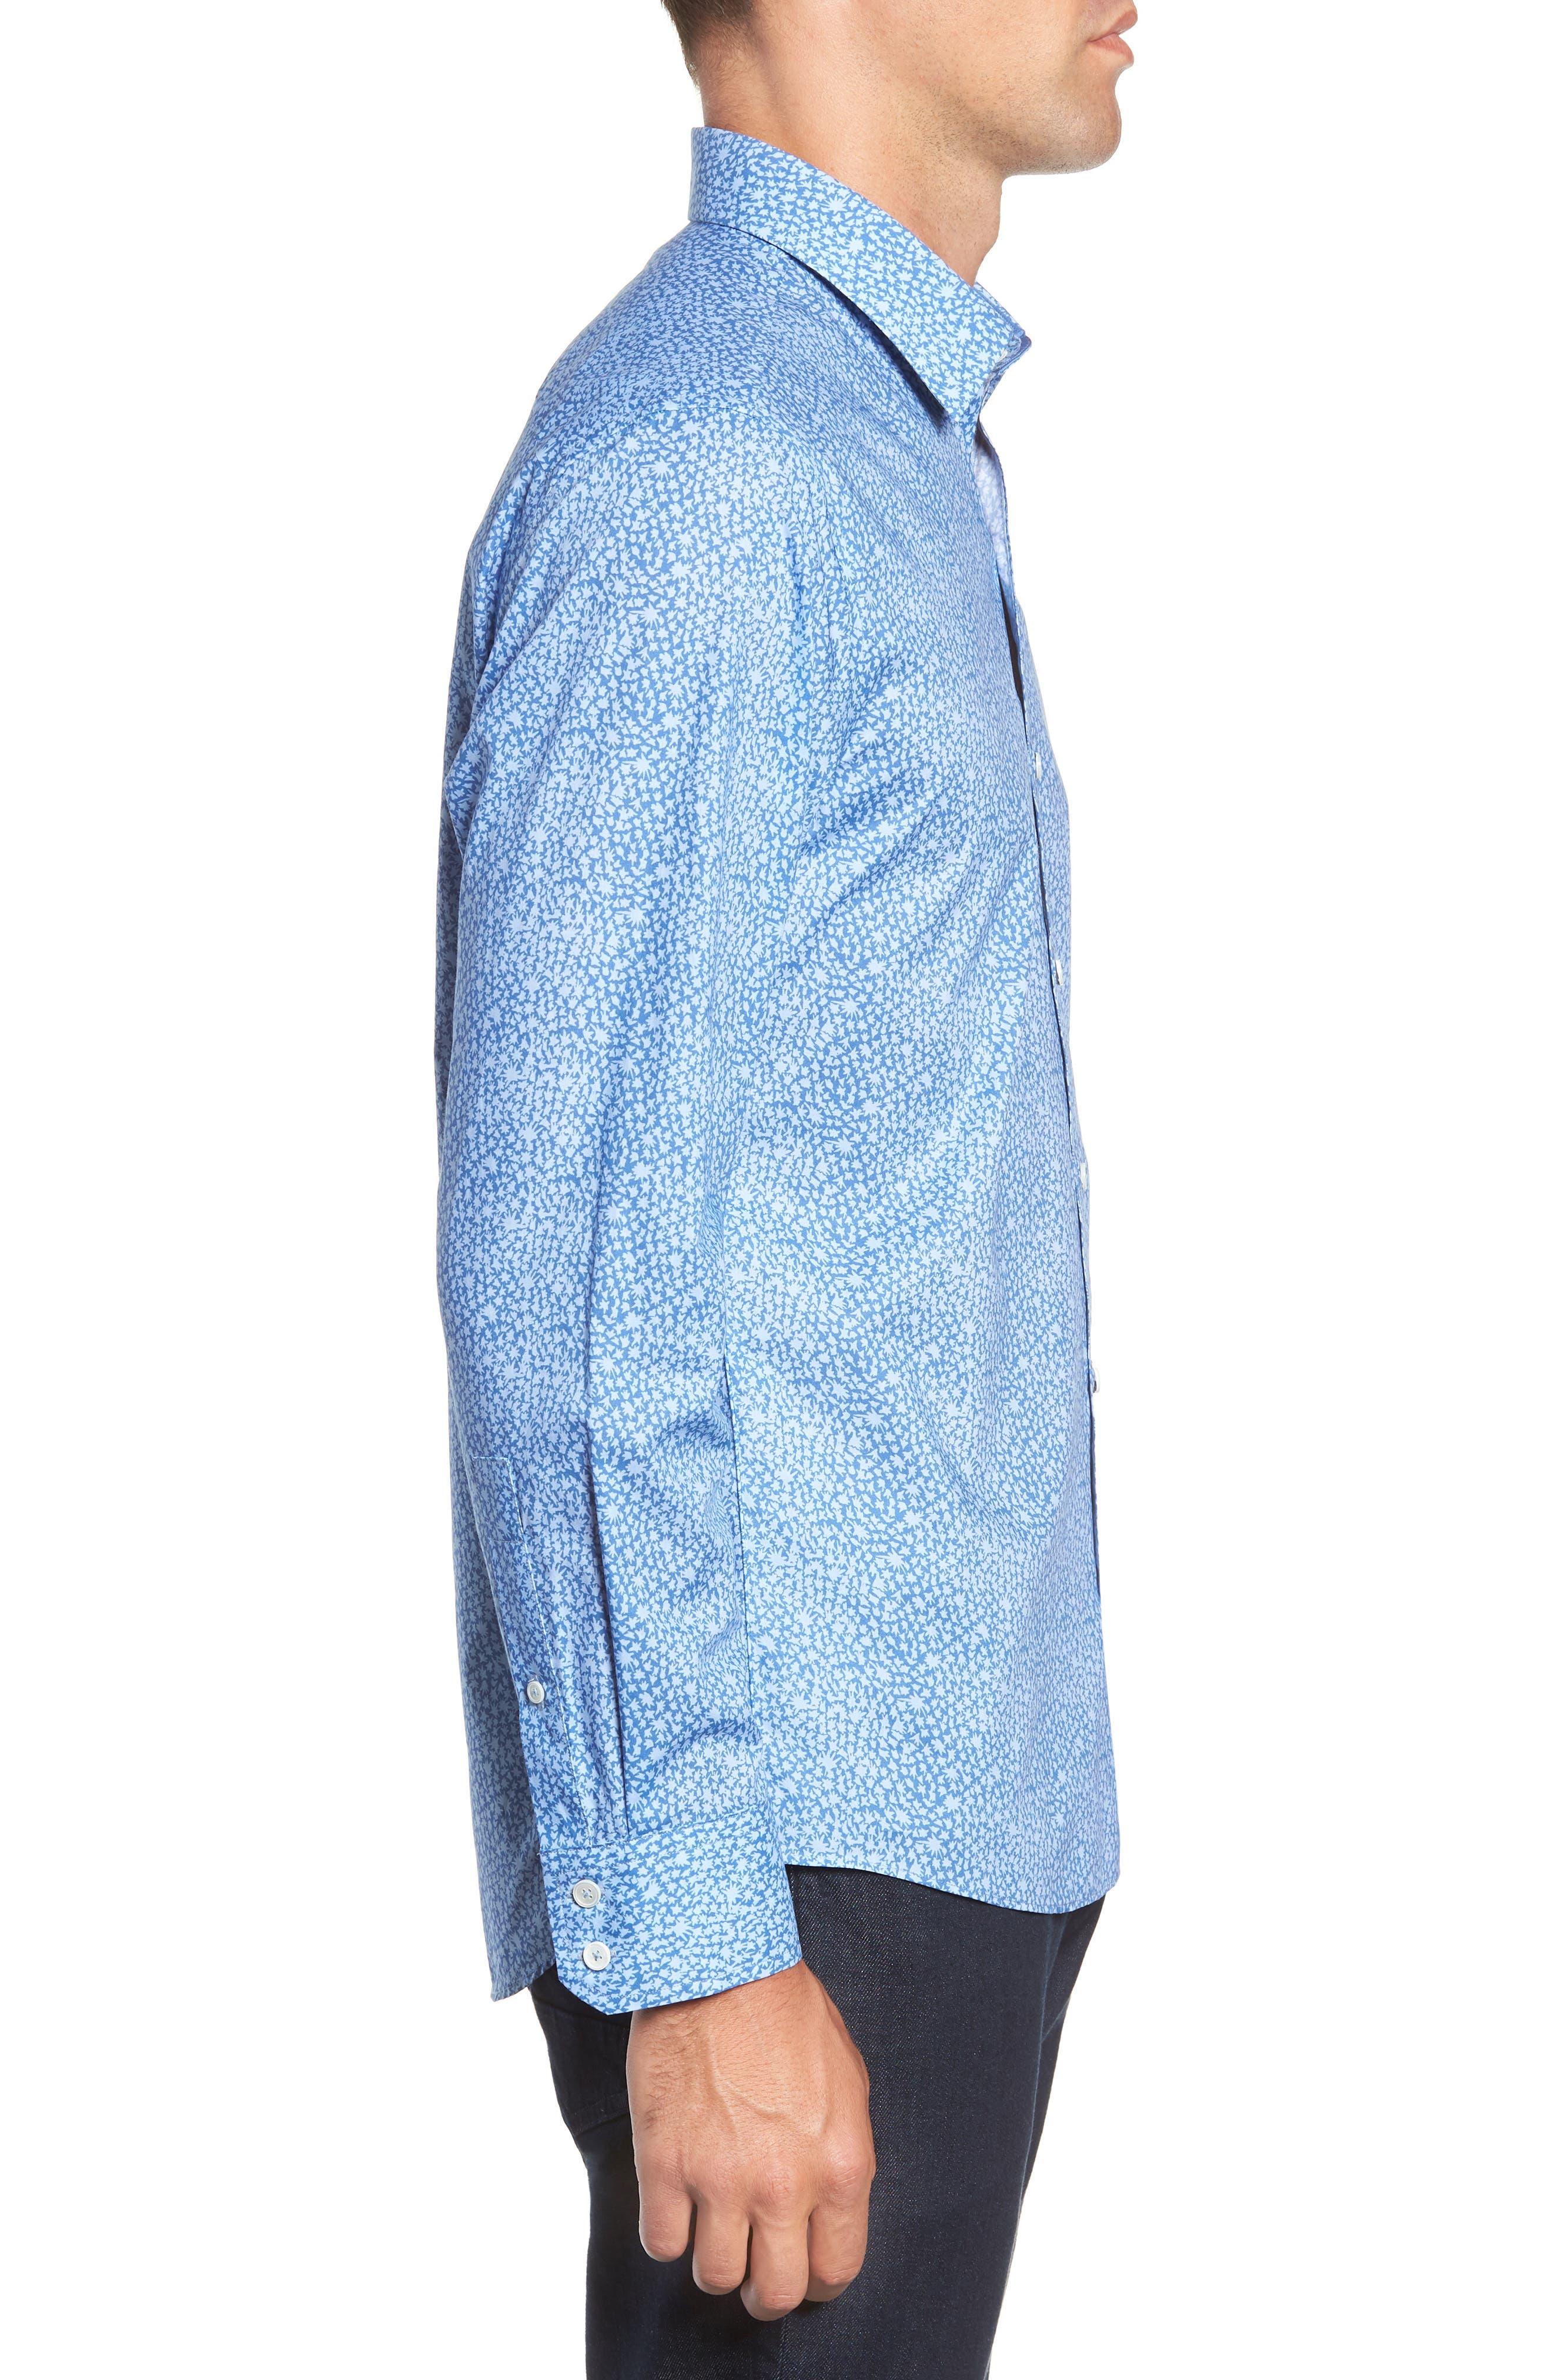 ZACHARY PRELL, Elliot Regular Fit Sport Shirt, Alternate thumbnail 4, color, 422